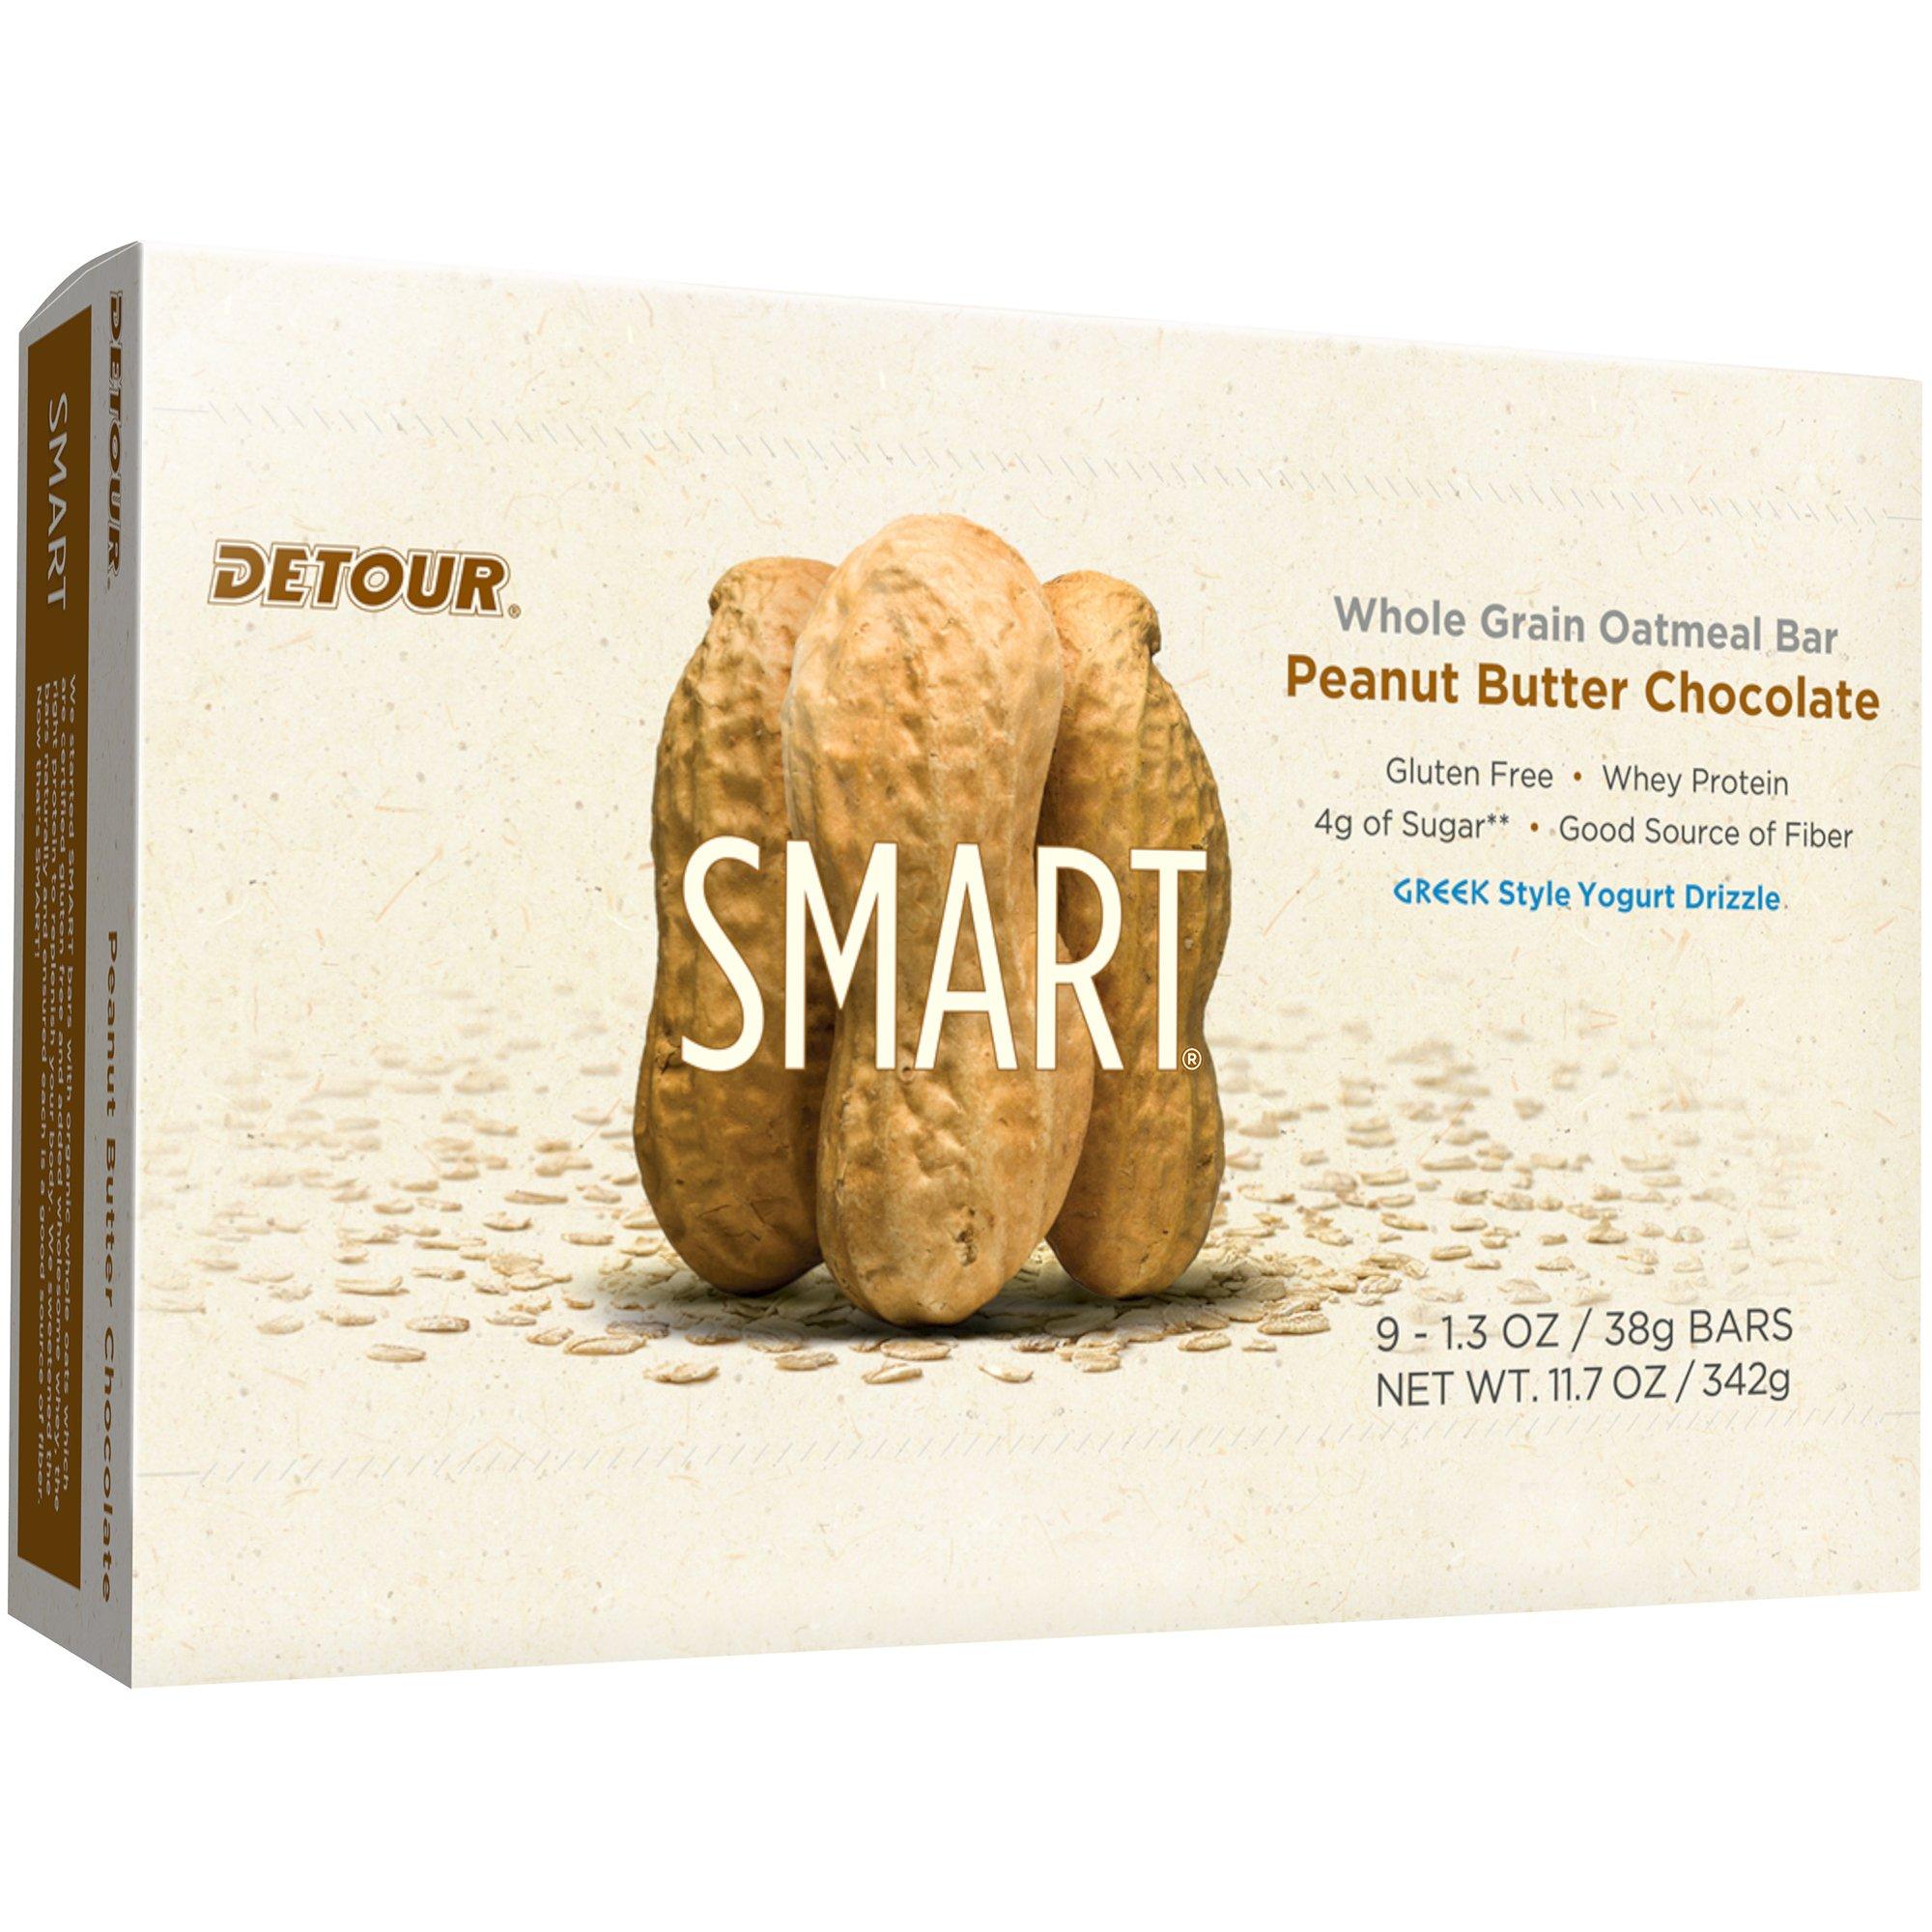 Detour Smart Gluten Free Oatmeal Bar, Peanut Butter Chocolate, 11.7 Ounce,